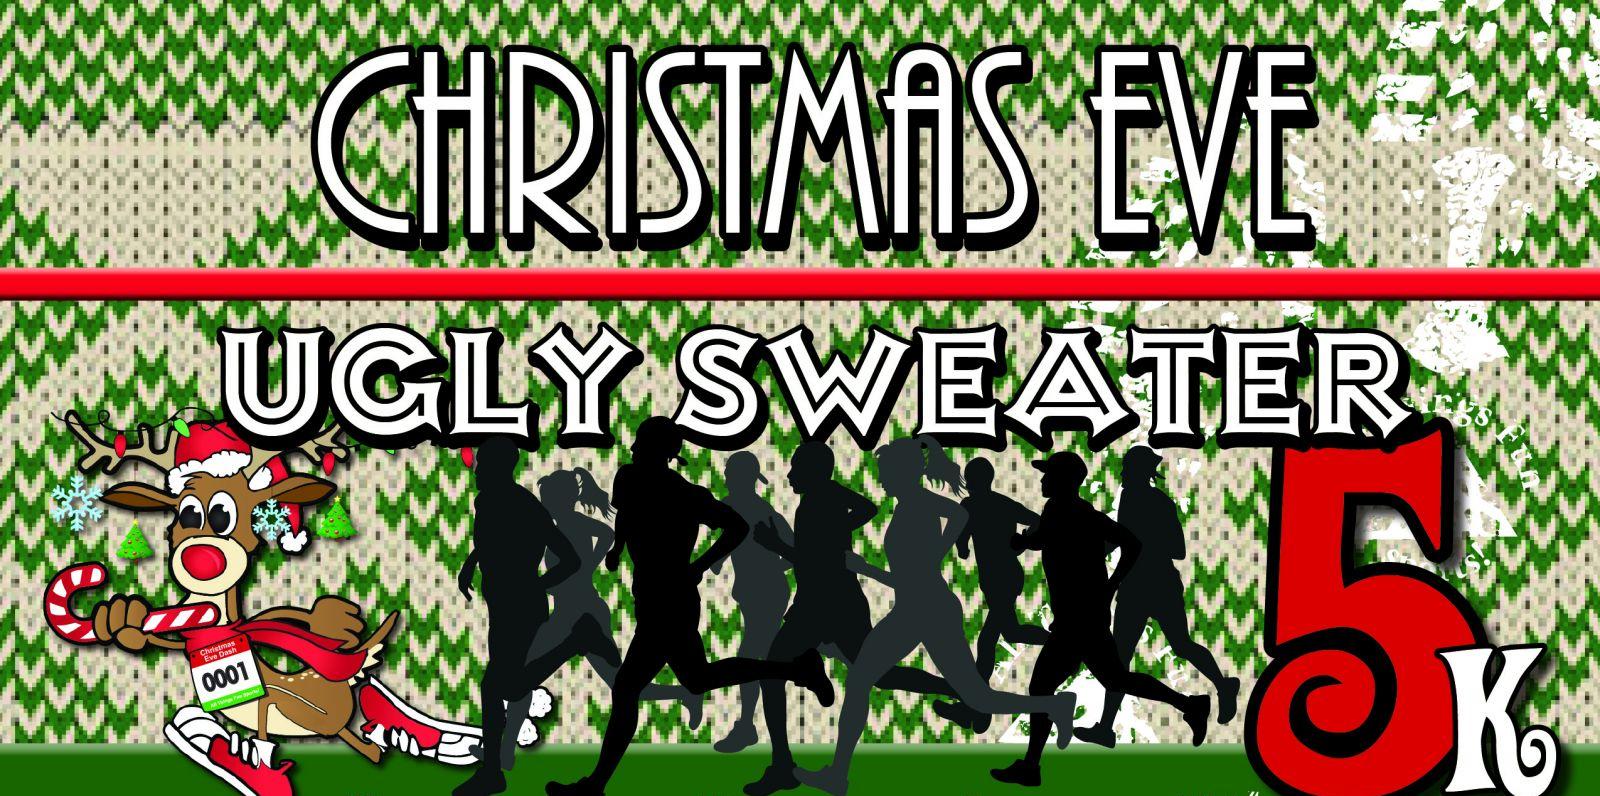 Christmas Events Dec 21 2020 97070 Databar Events   Christmas Eve Dash